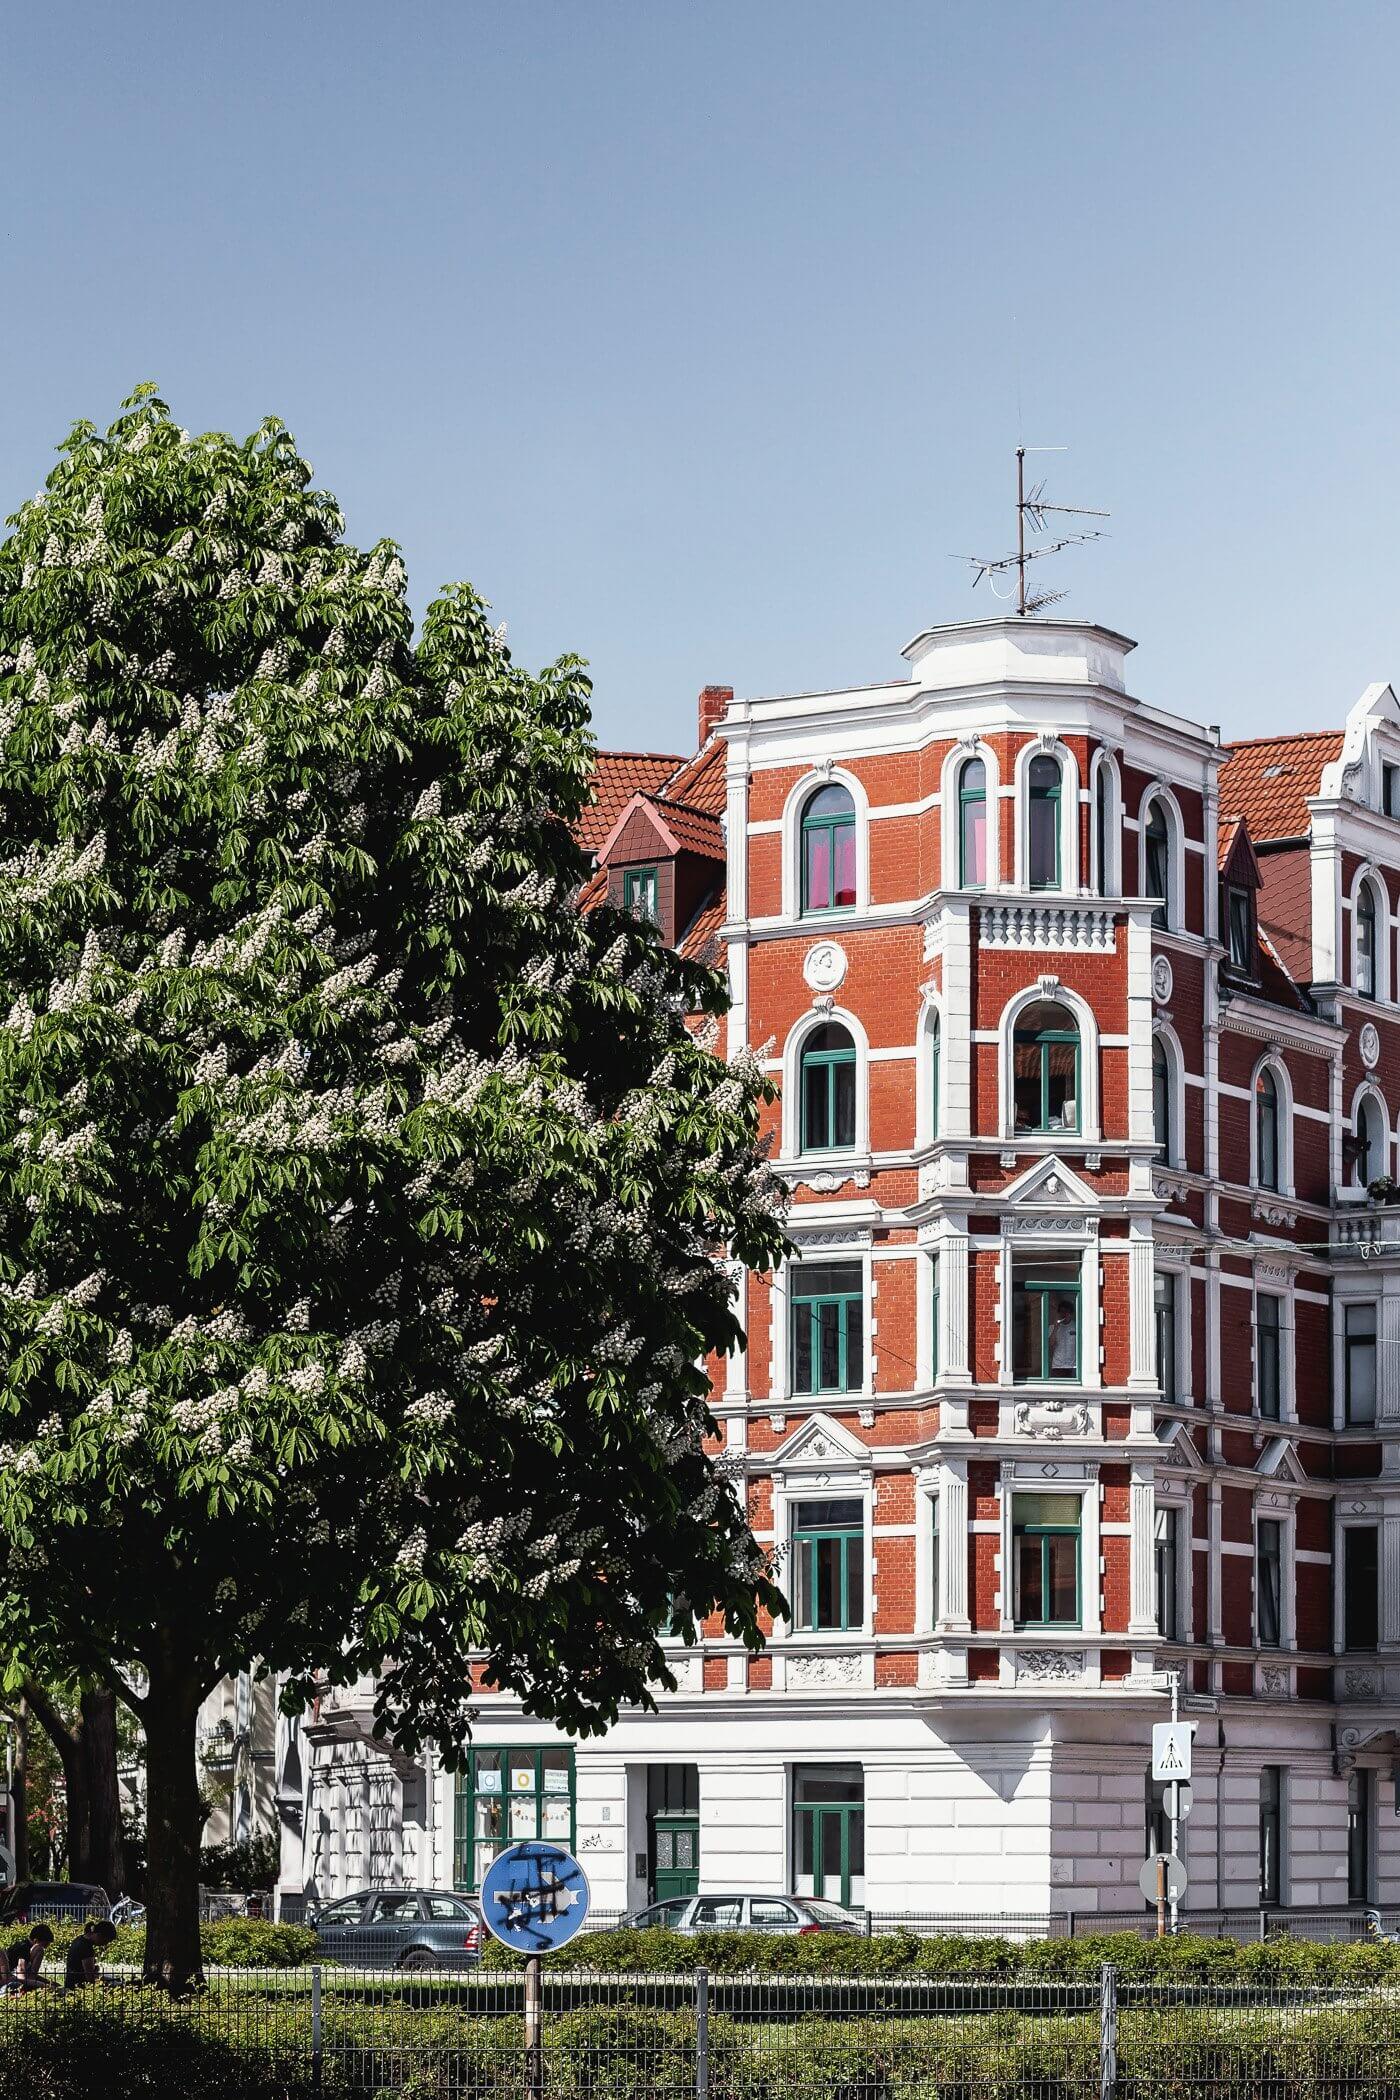 Lichtenbergplatz